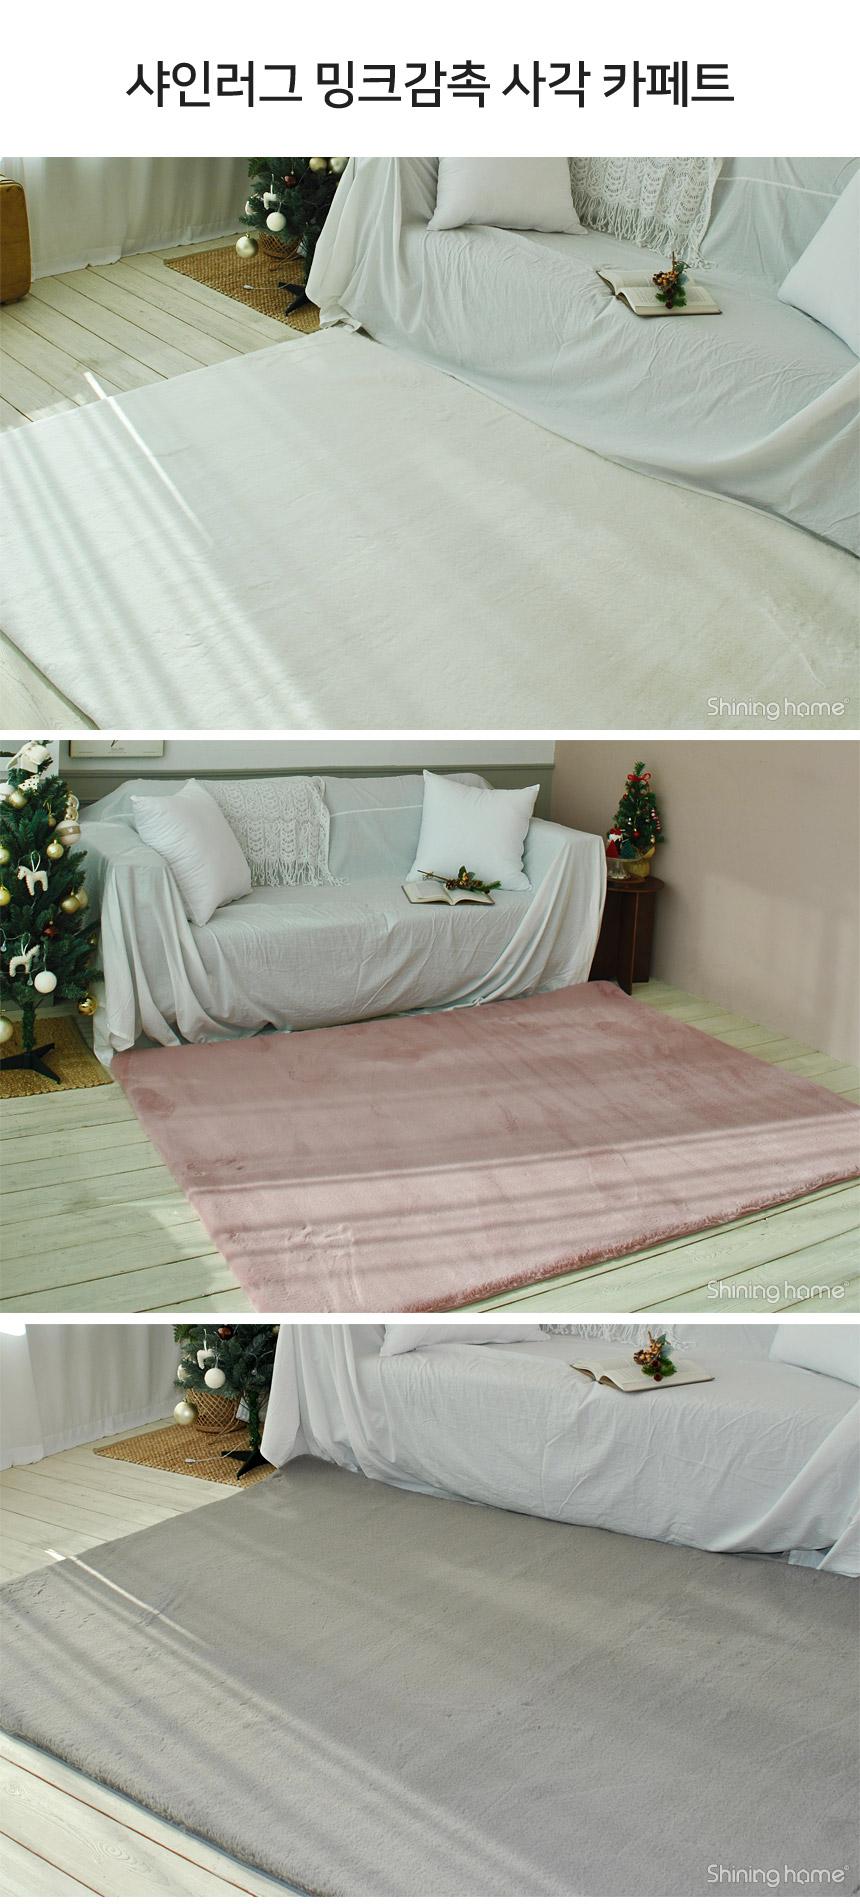 샤인러그 밍크감촉 극세사 사각카페트 150x200 - 호영 인터내셔널, 198,000원, 디자인러그, 디자인러그